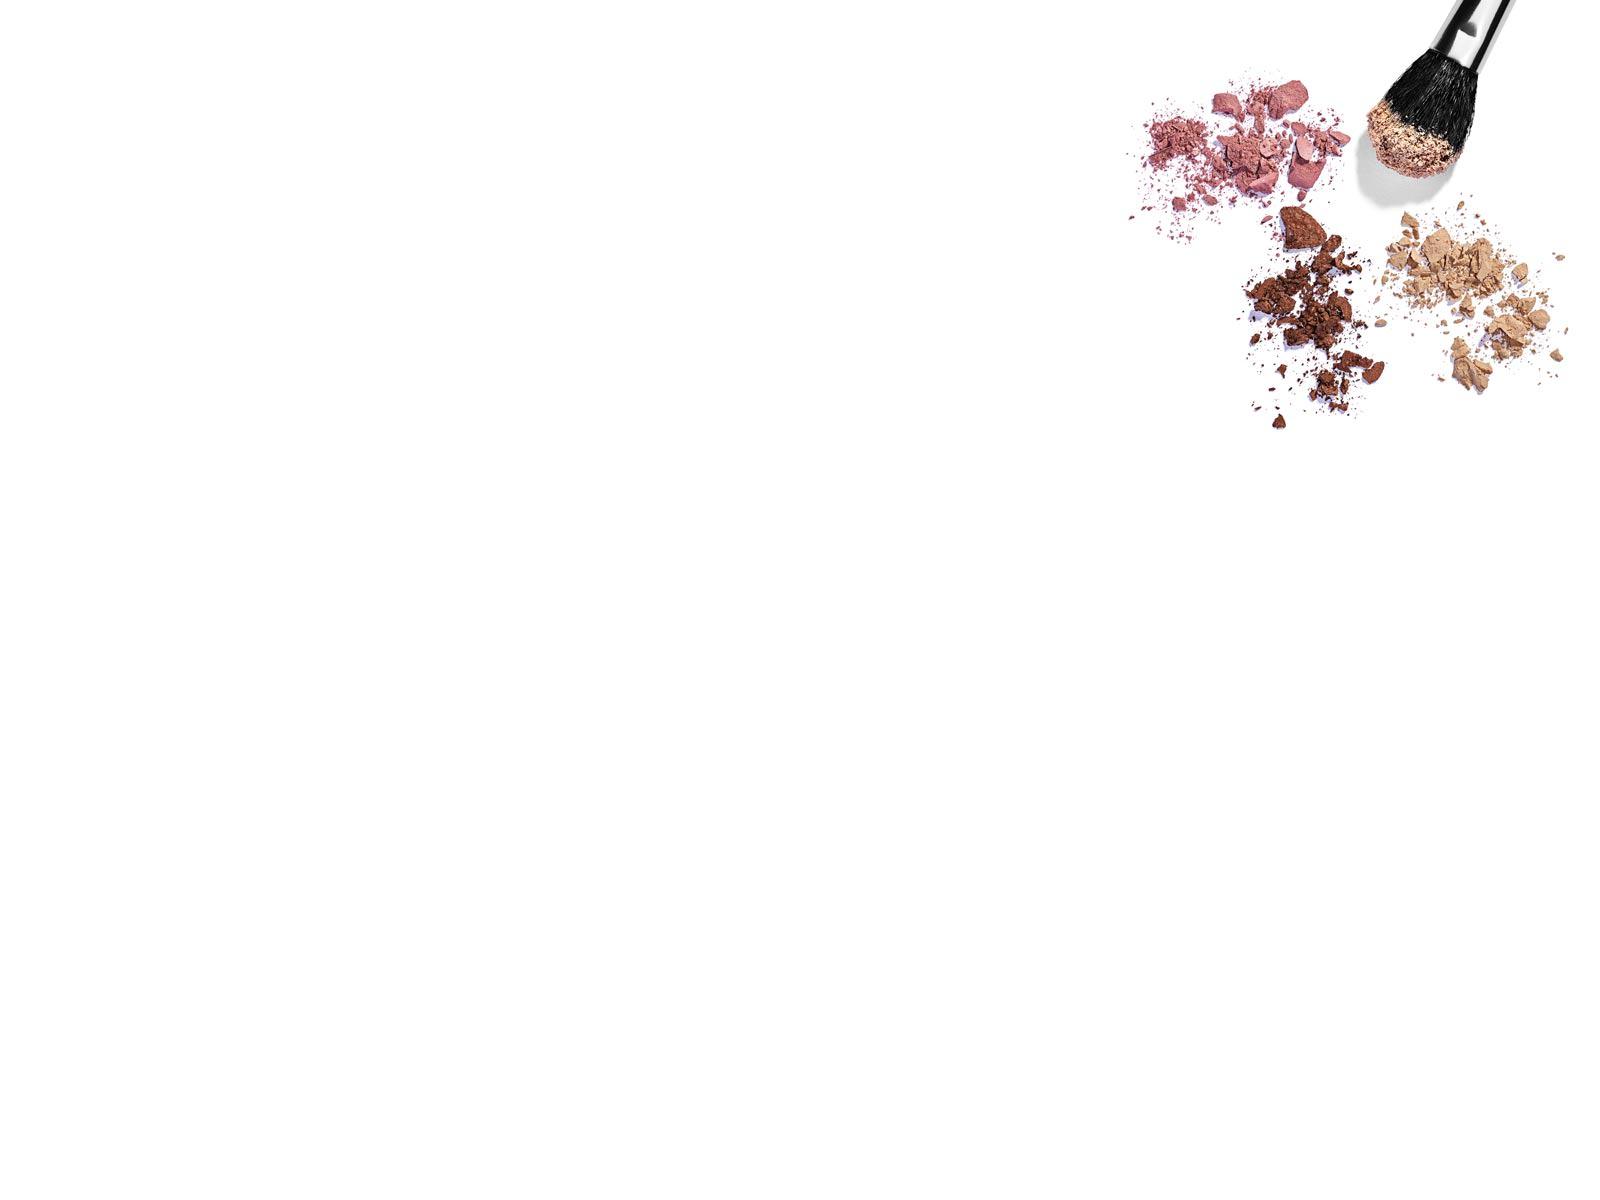 Hình nền PowerPoint với cây cọ và phấn trang điểm